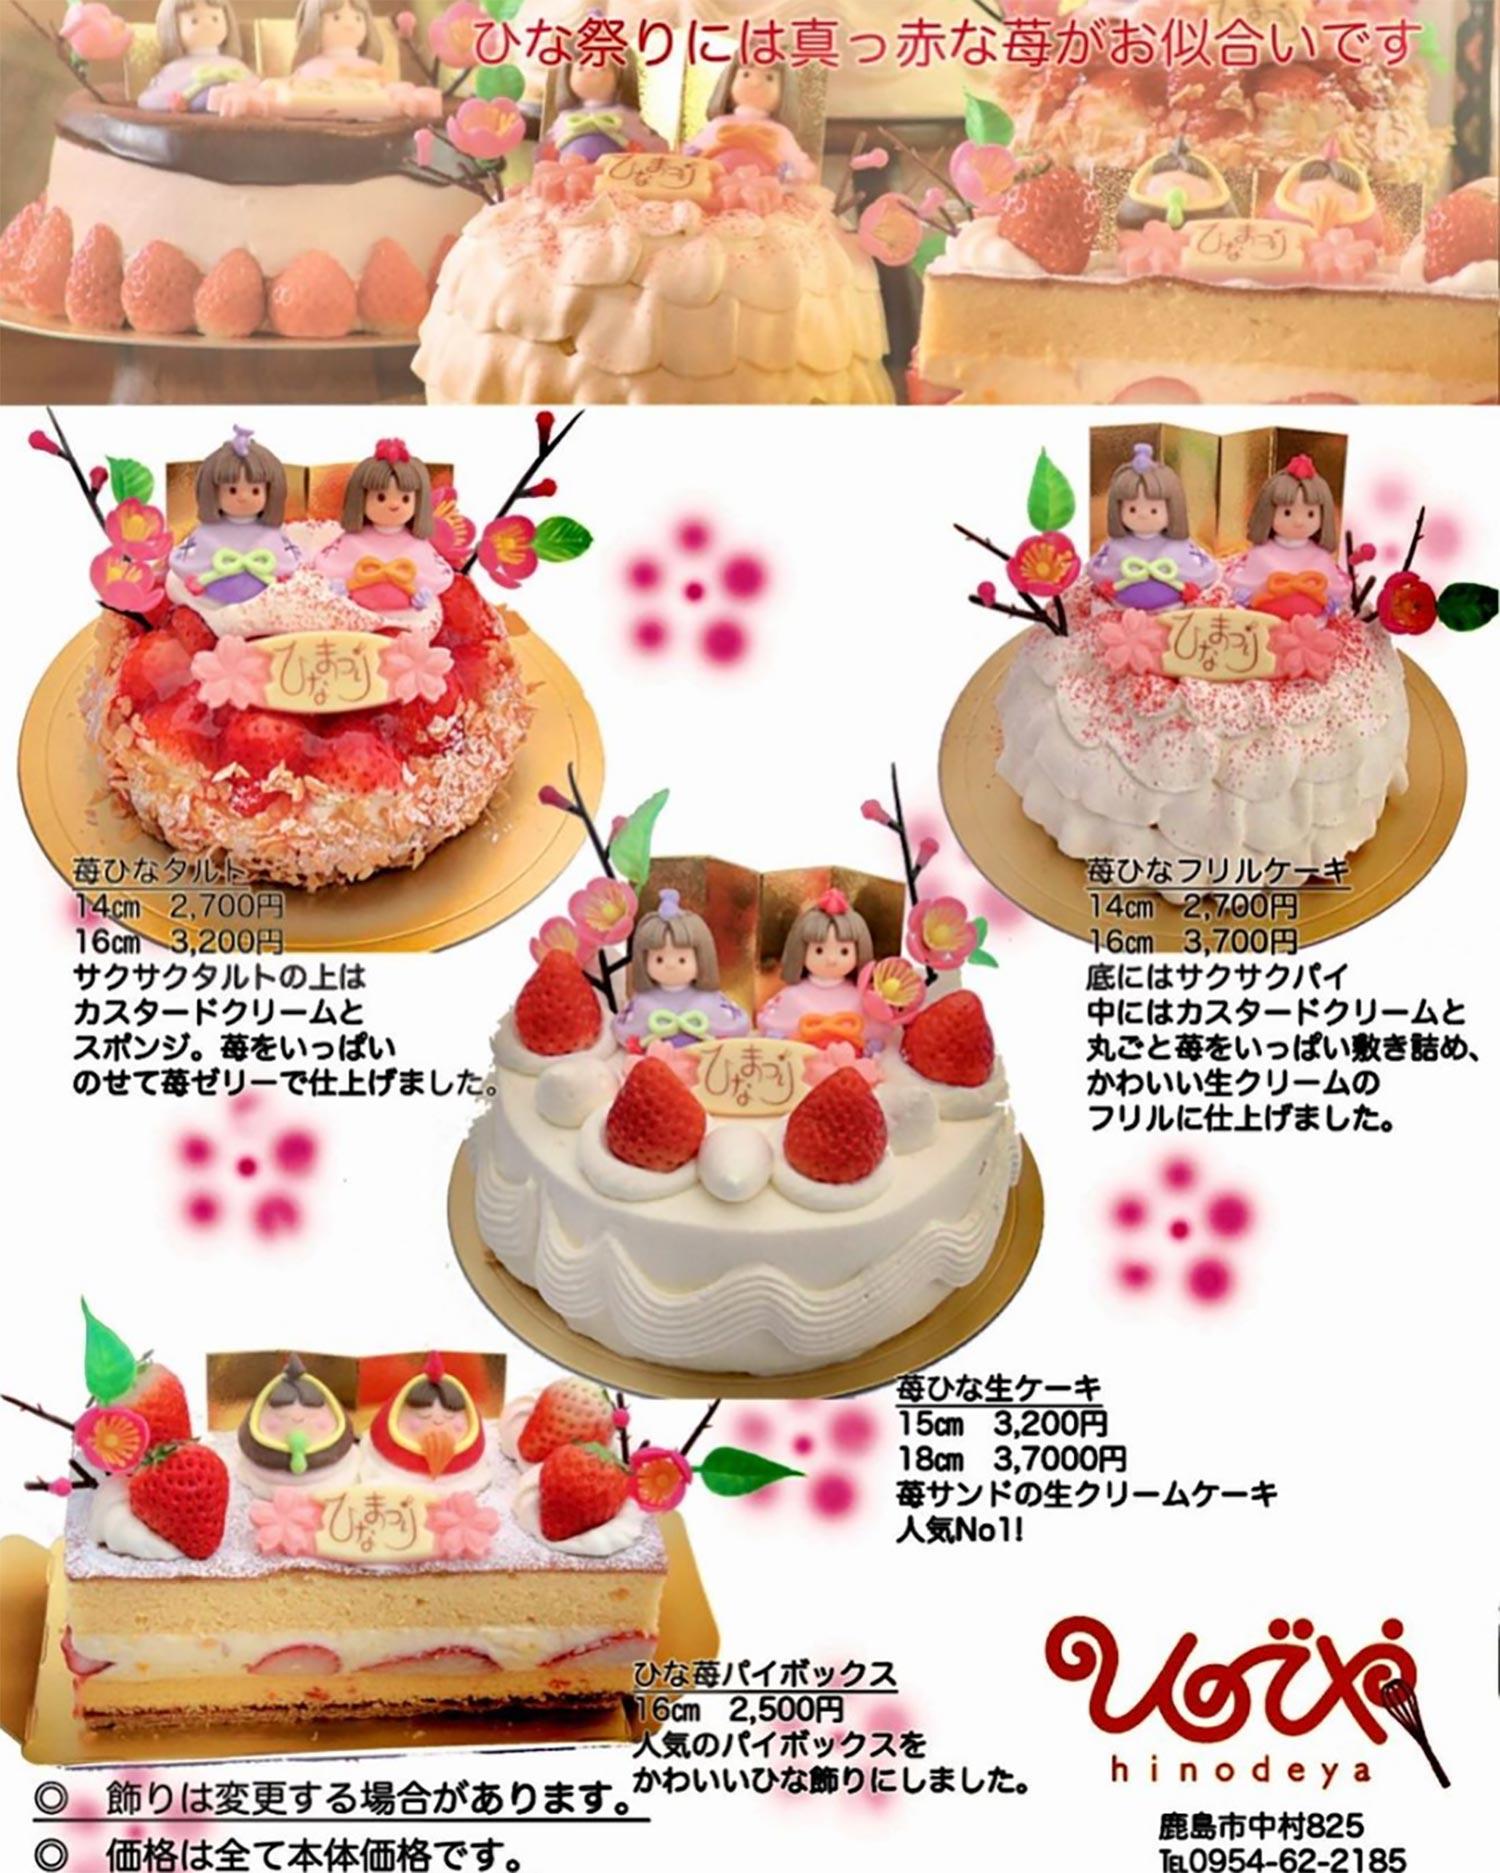 ひな祭りケーキのご案内